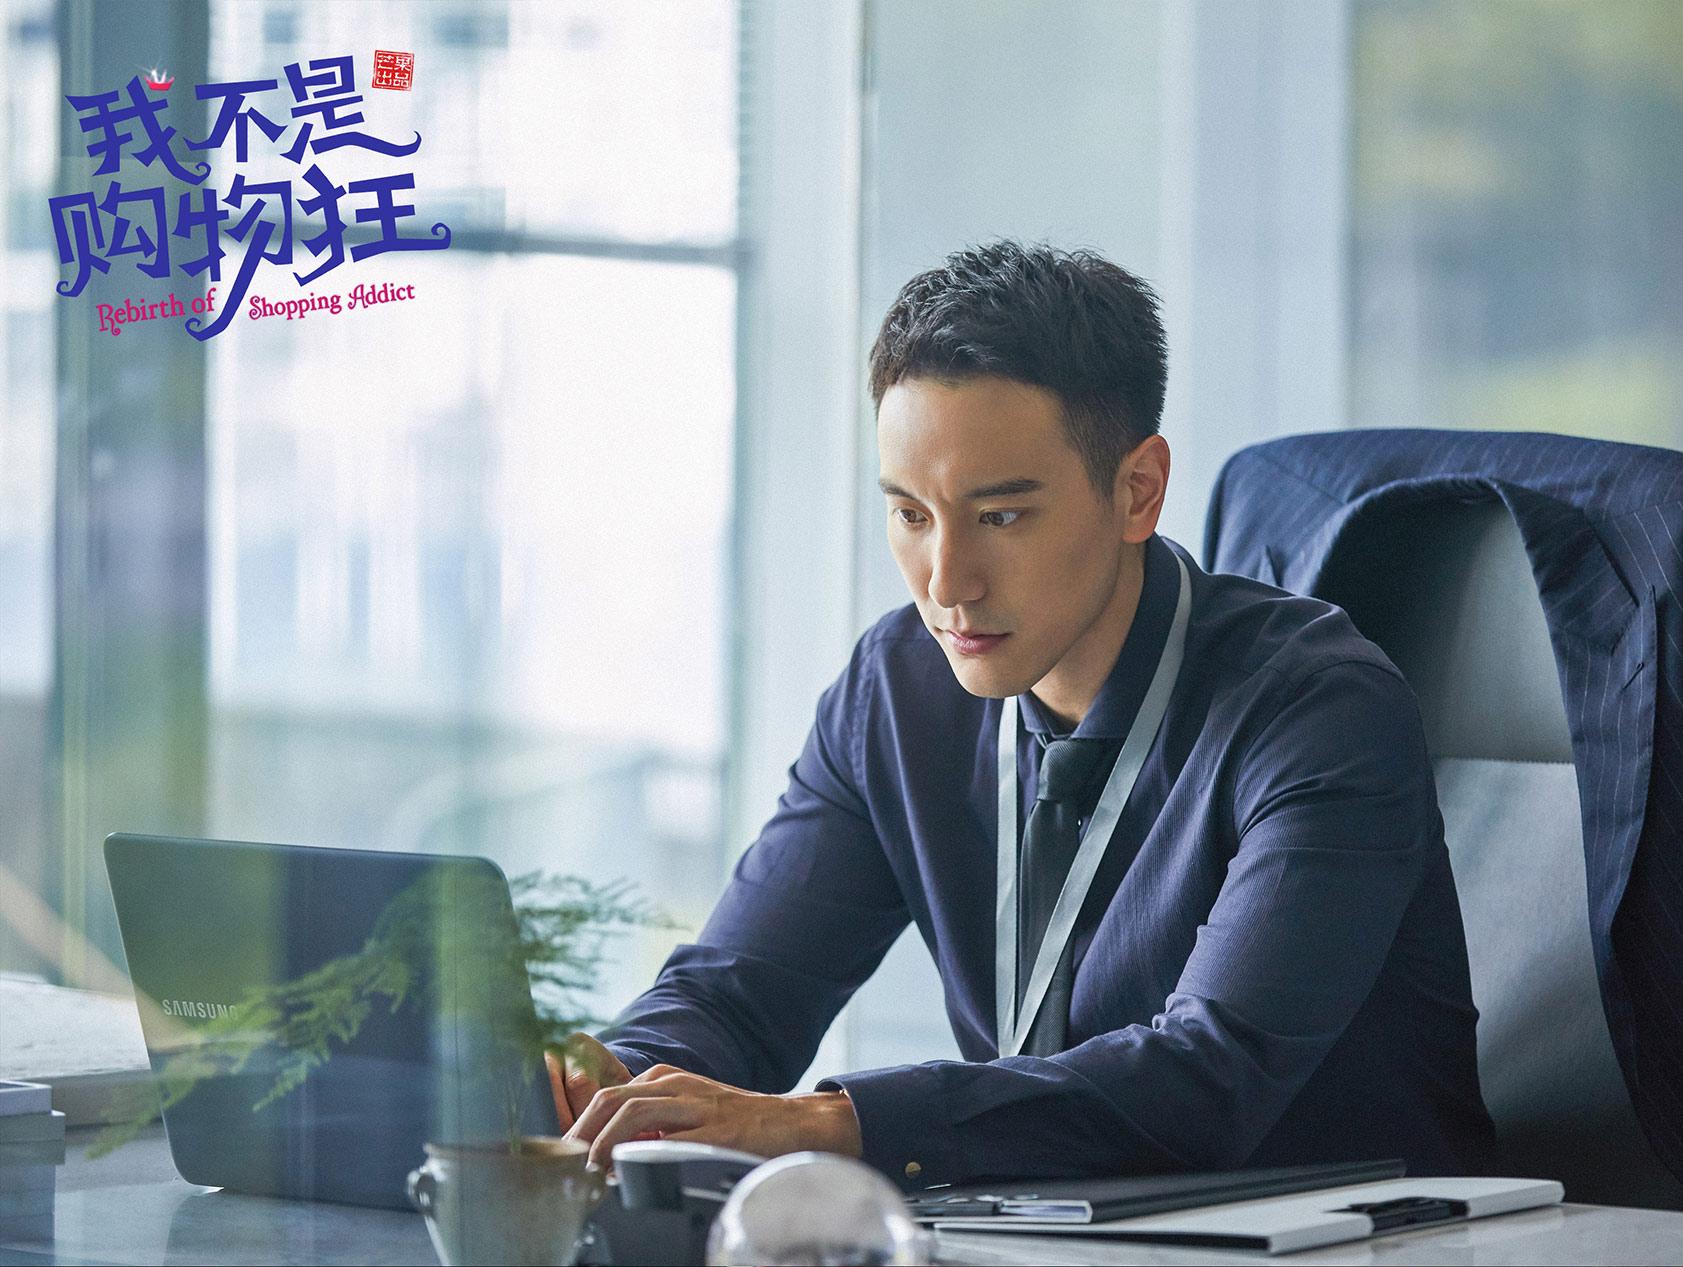 王阳明《我不是购物狂》展超A男友力